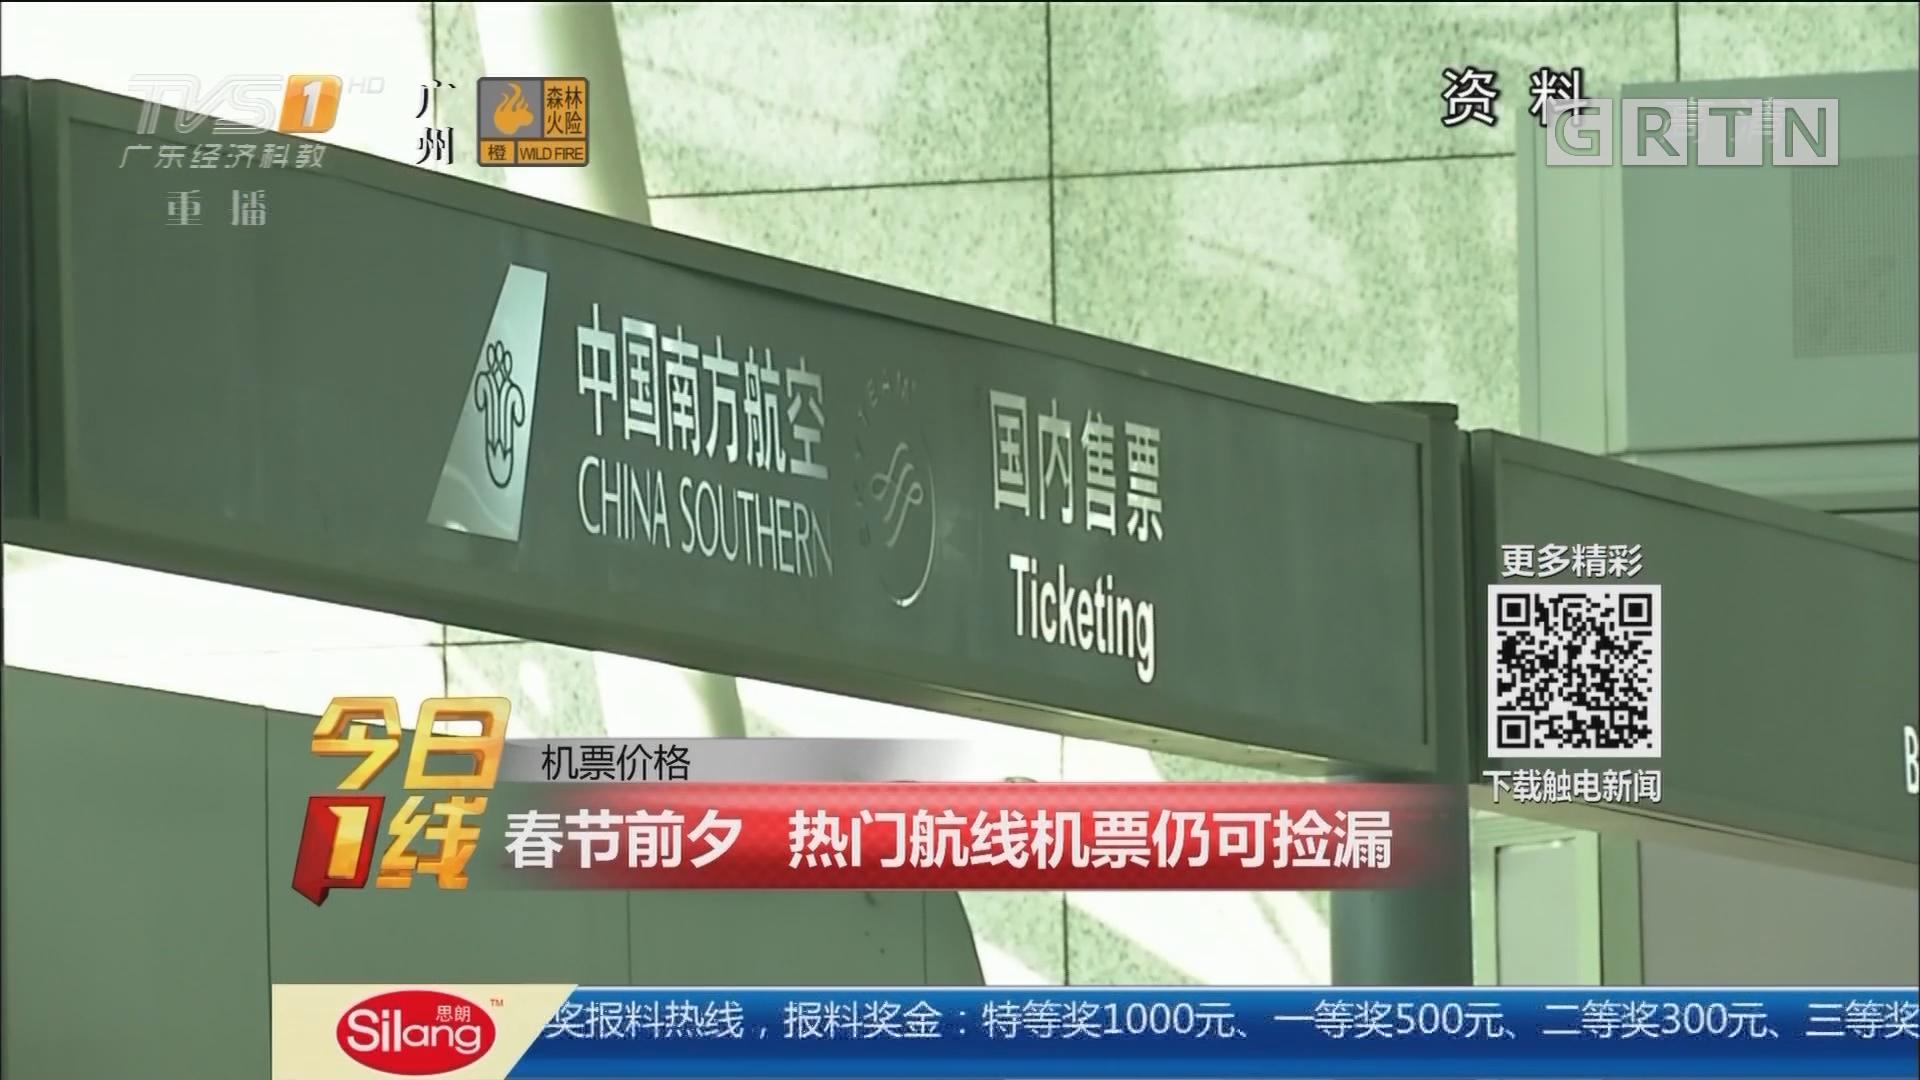 机票价格:春节前夕 热门航线机票仍可捡漏